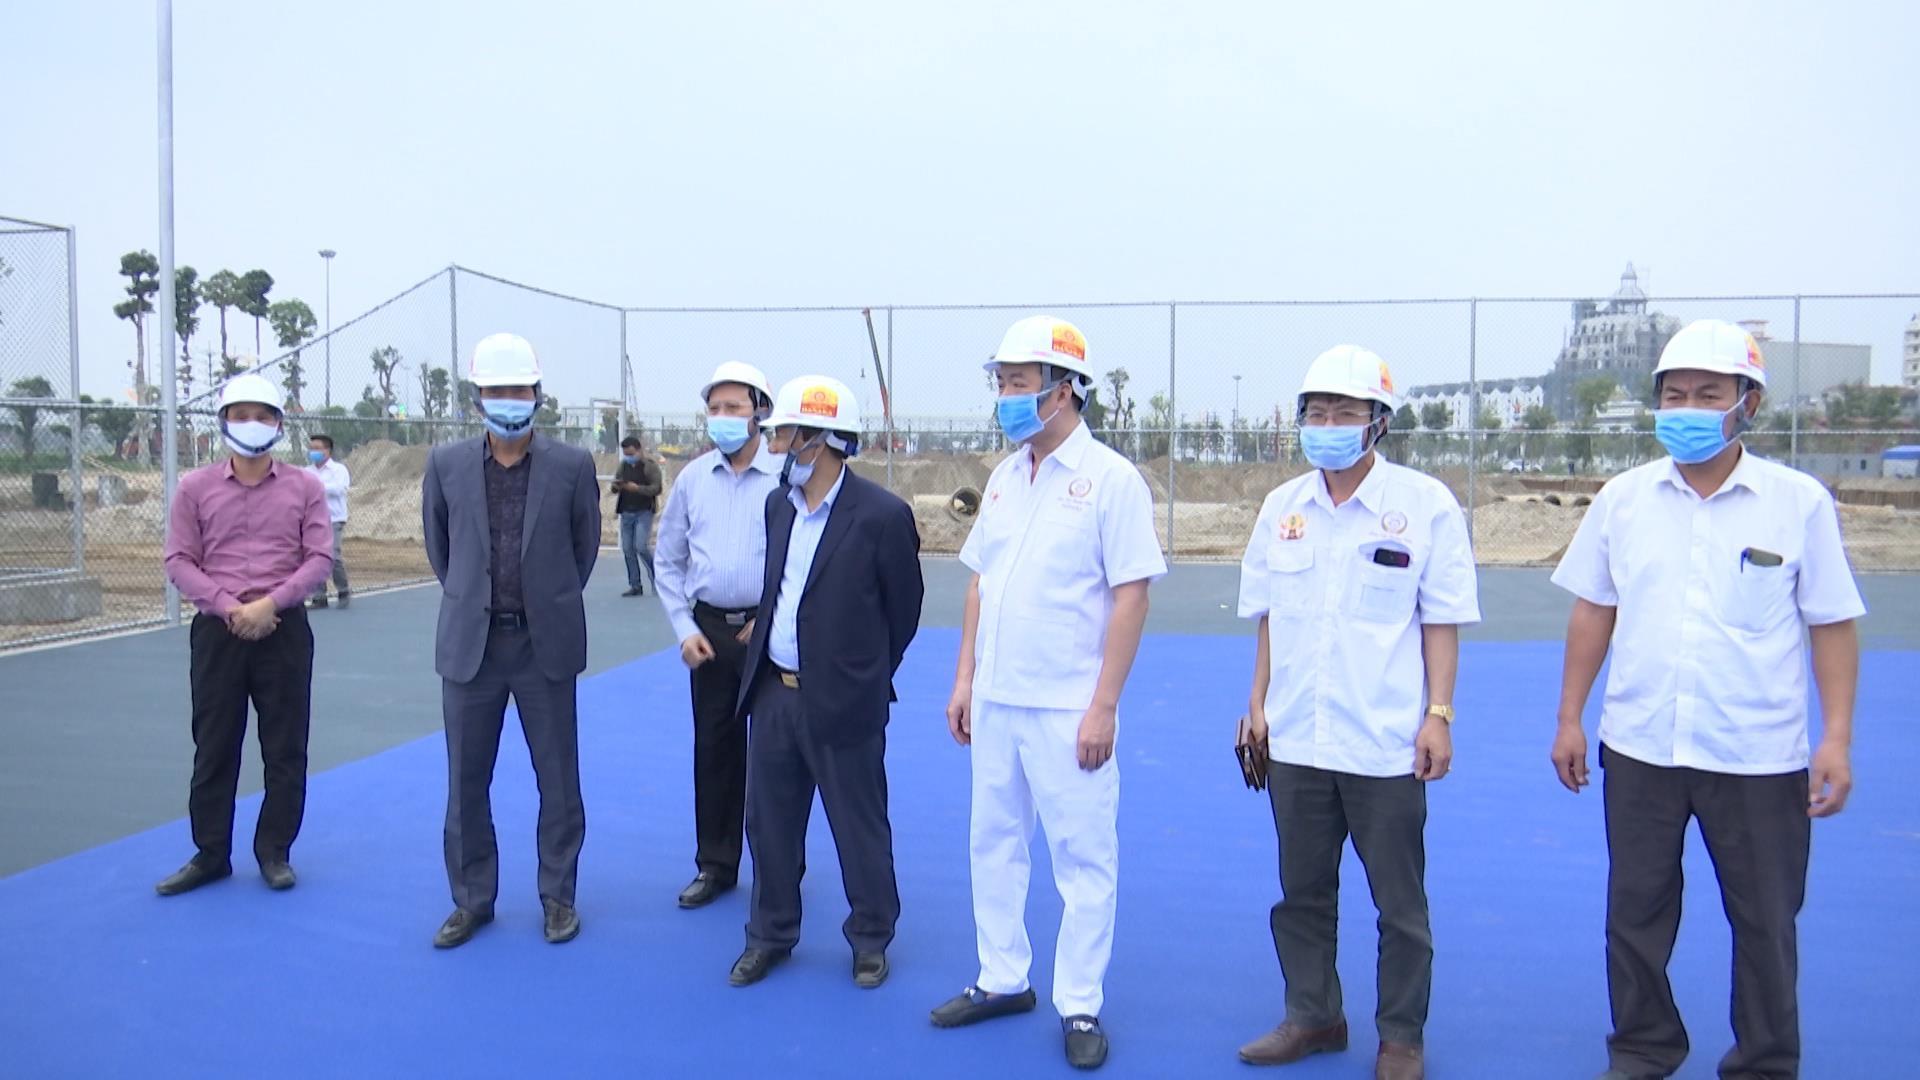 Bộ Văn hóa Thể thao & Du lịch thăm và khảo sát công trình phục vụ thi đấu Seagame 31 tại Bắc Ninh